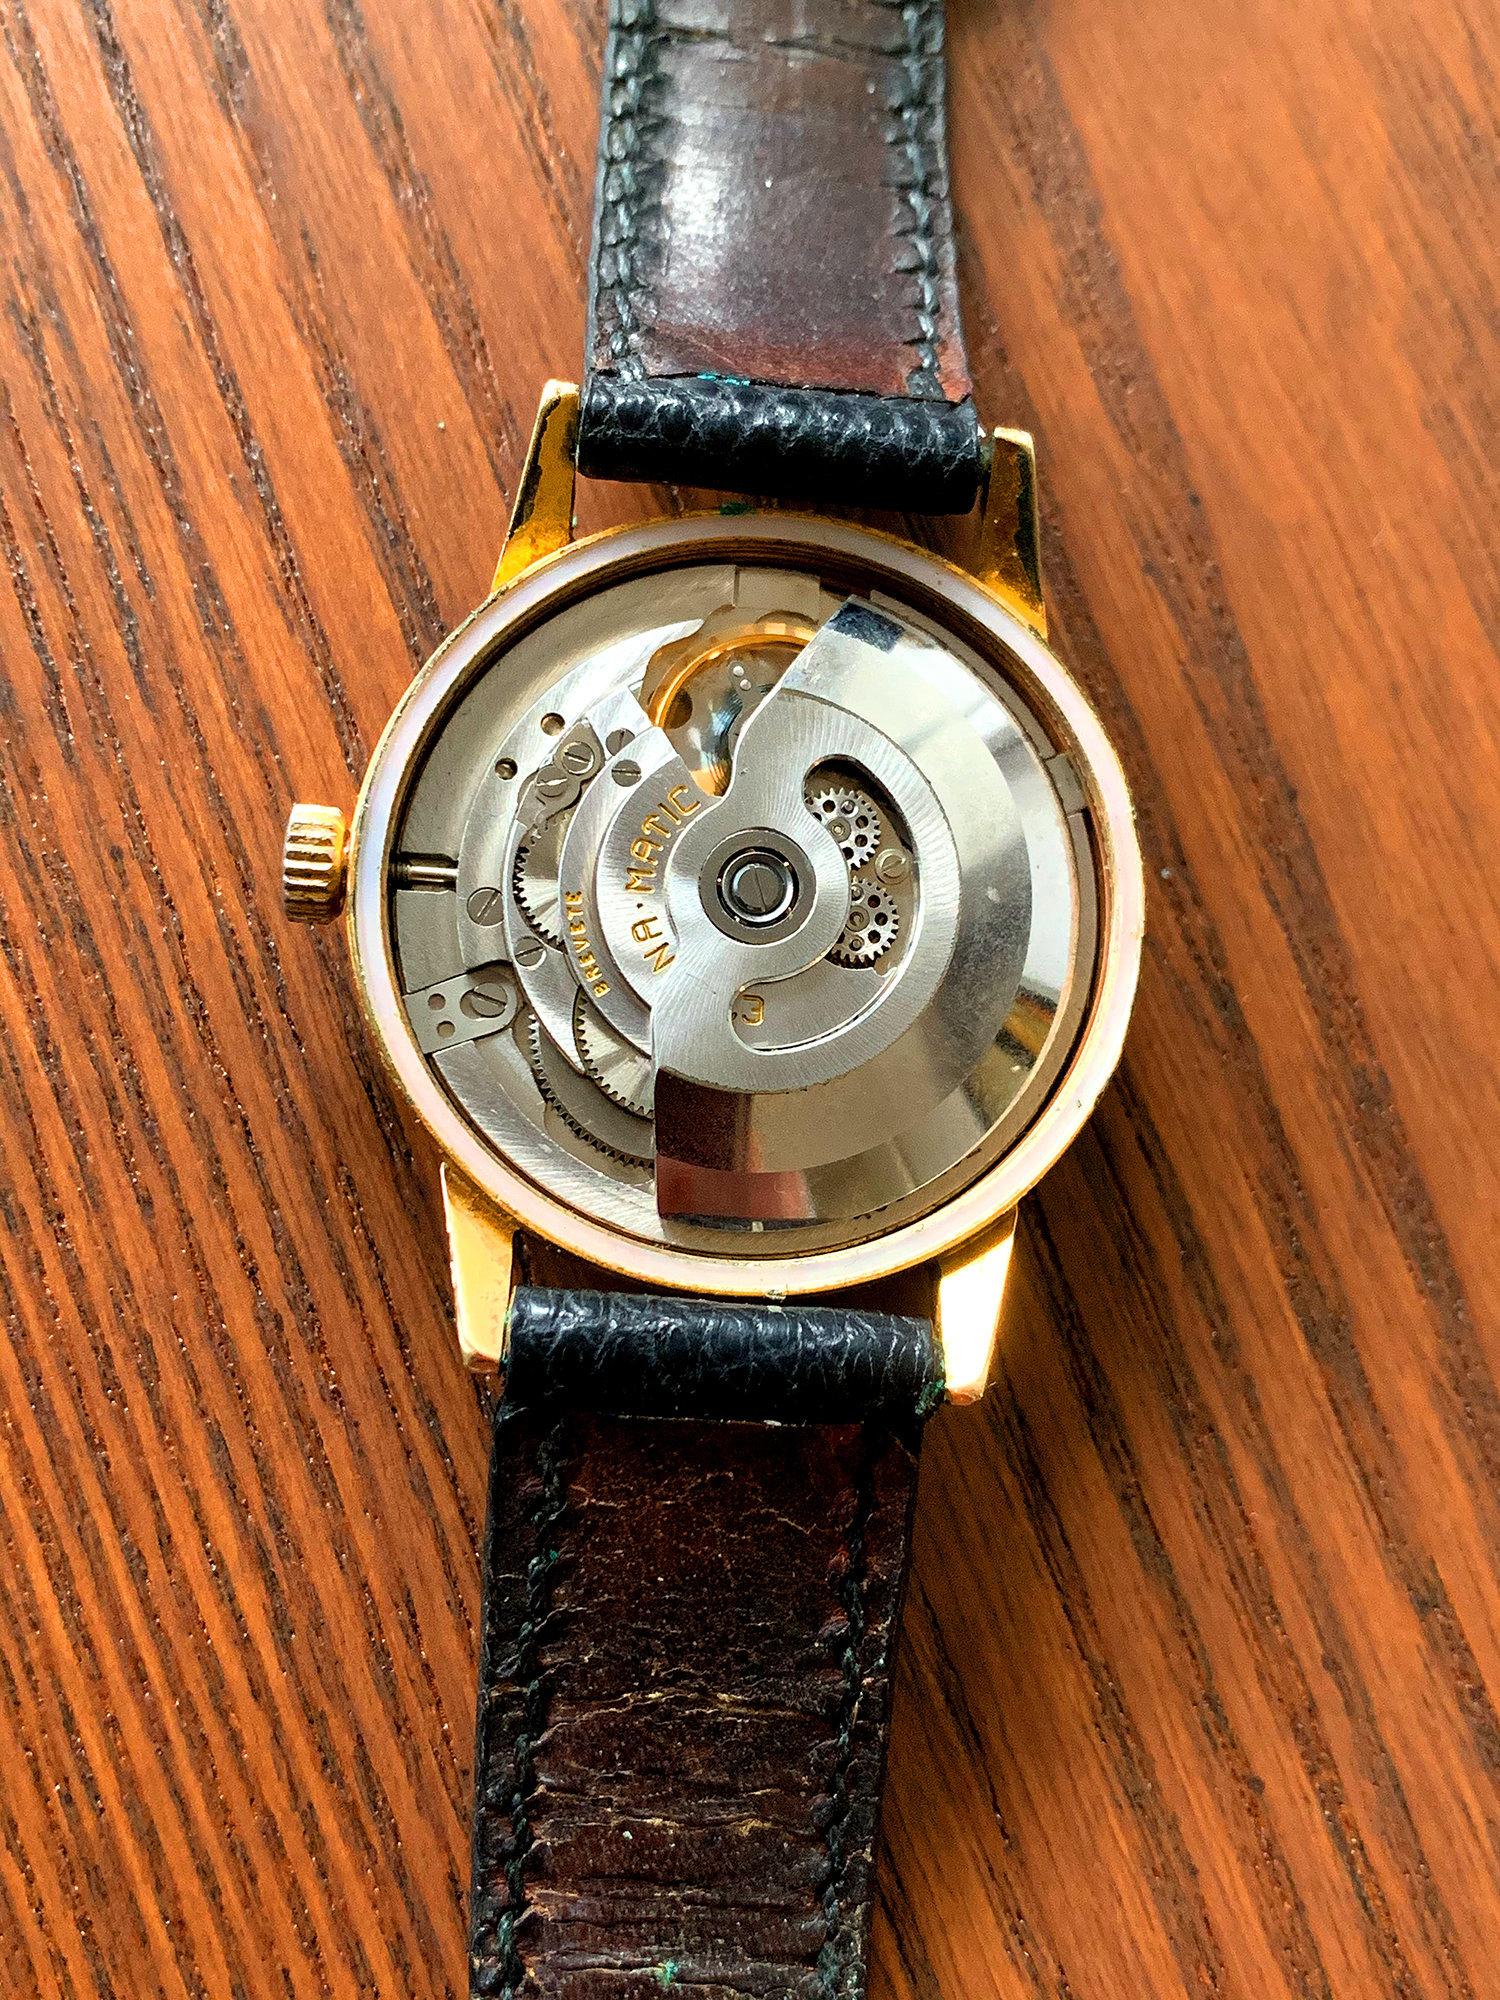 Mido -  [Postez ICI les demandes d'IDENTIFICATION et RENSEIGNEMENTS de vos montres] - Page 35 1579962496-3